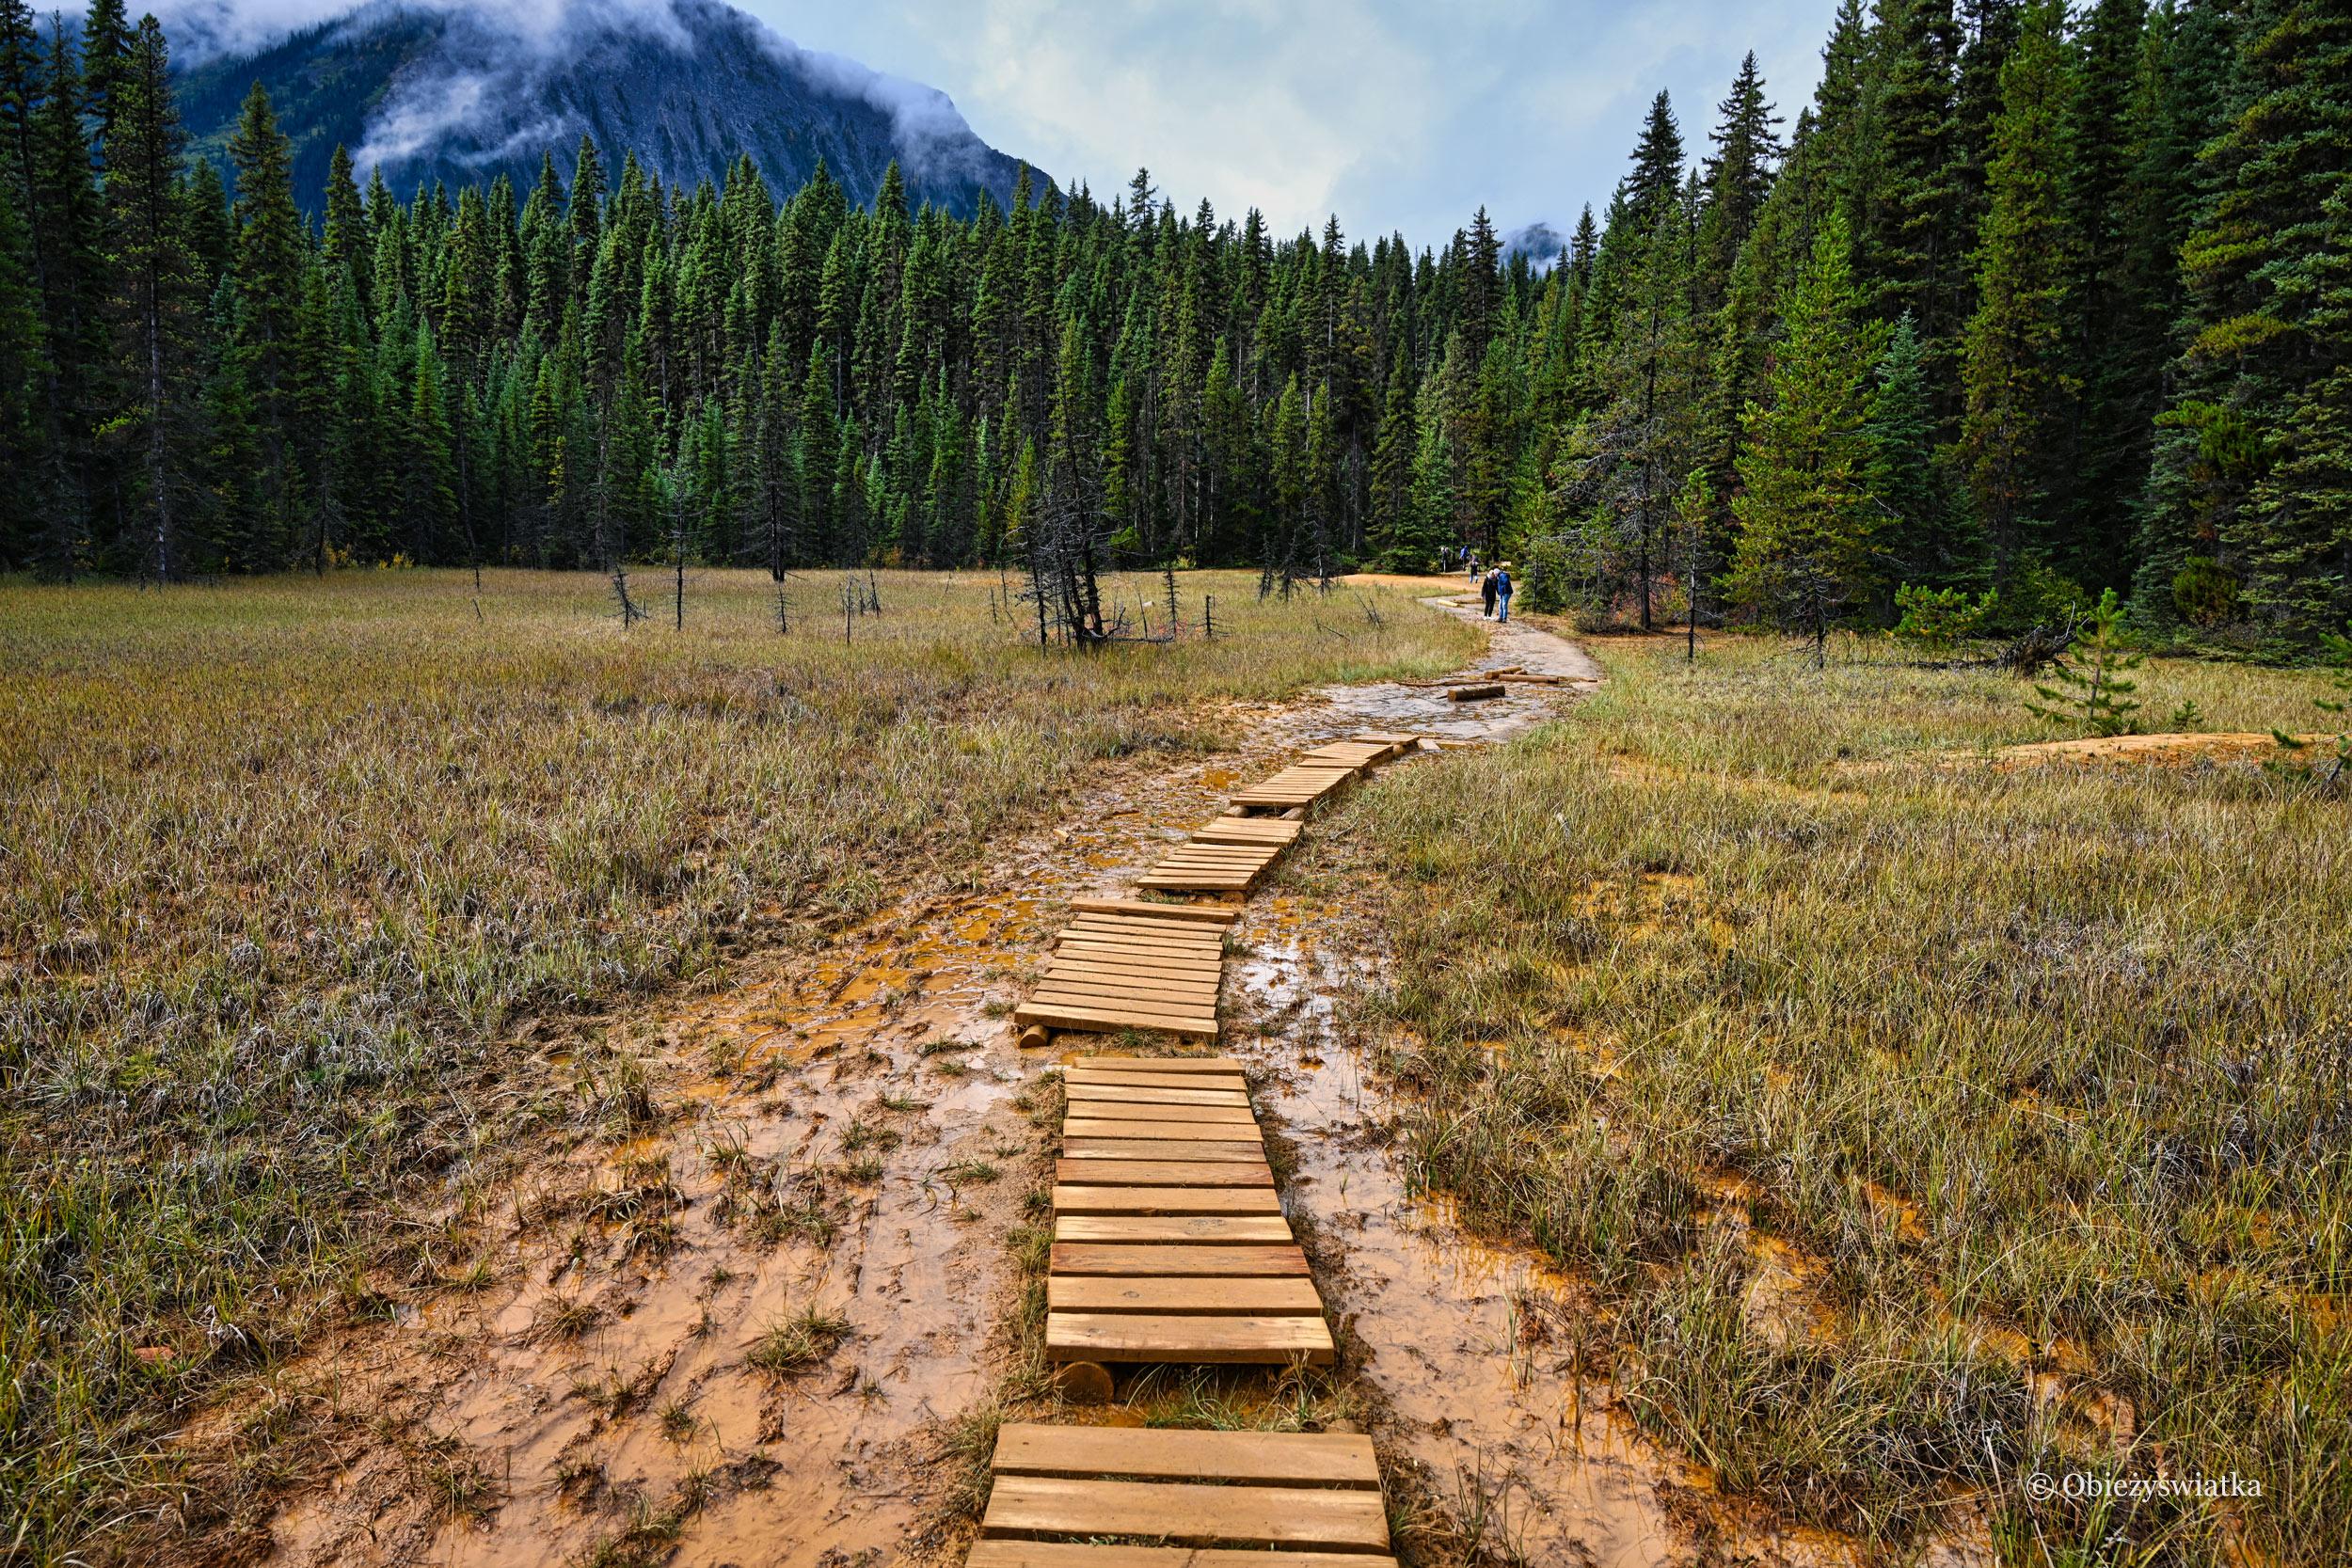 Ścieżka w Parku Narodowym Kootenay, Kanada